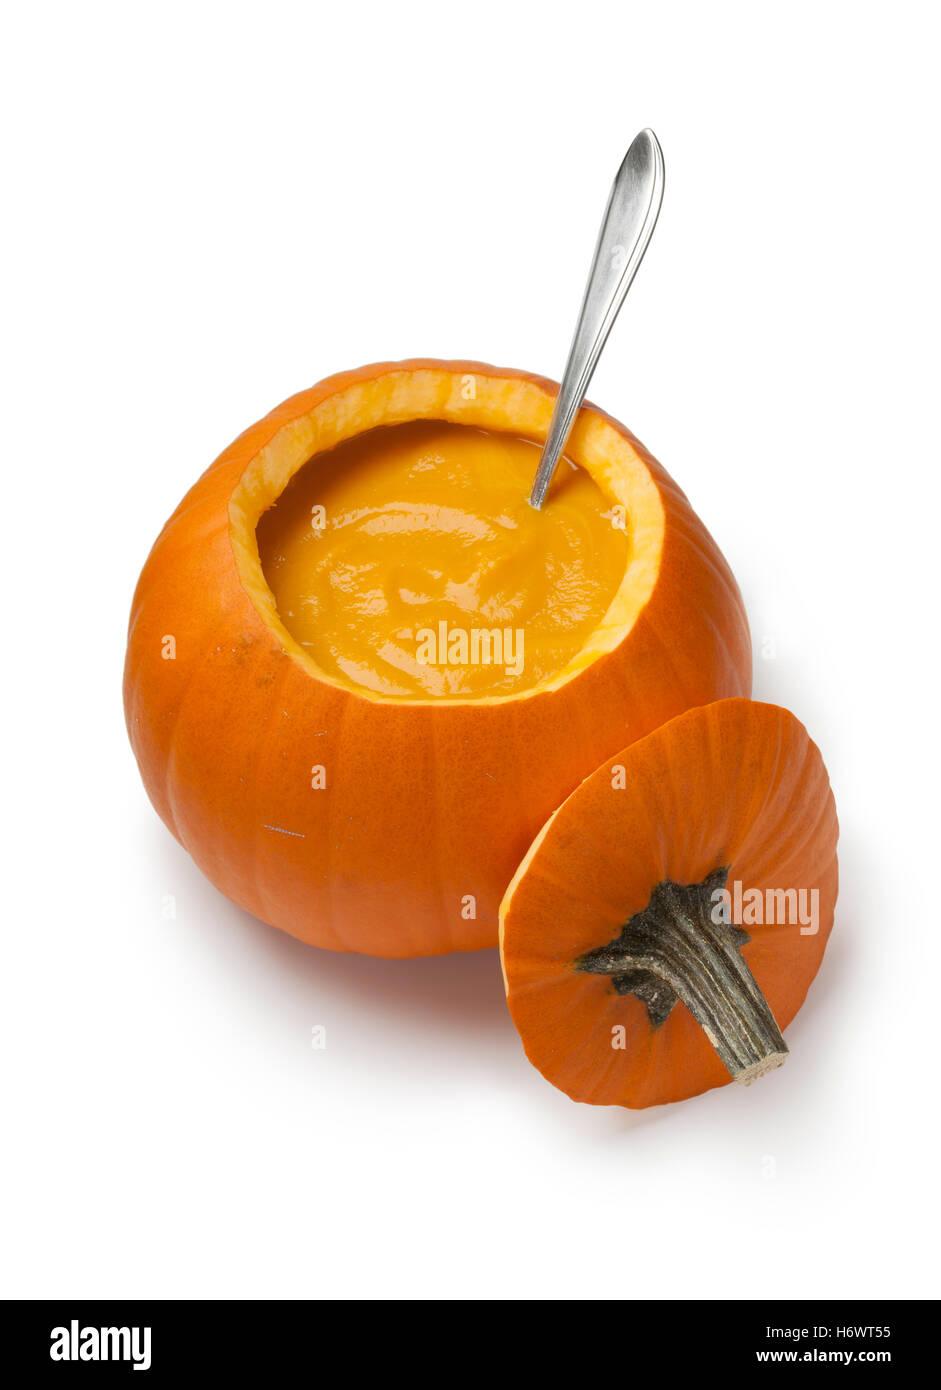 Frisch gemacht Kürbissuppe in einem Orange Kürbis auf weißem Hintergrund Stockbild